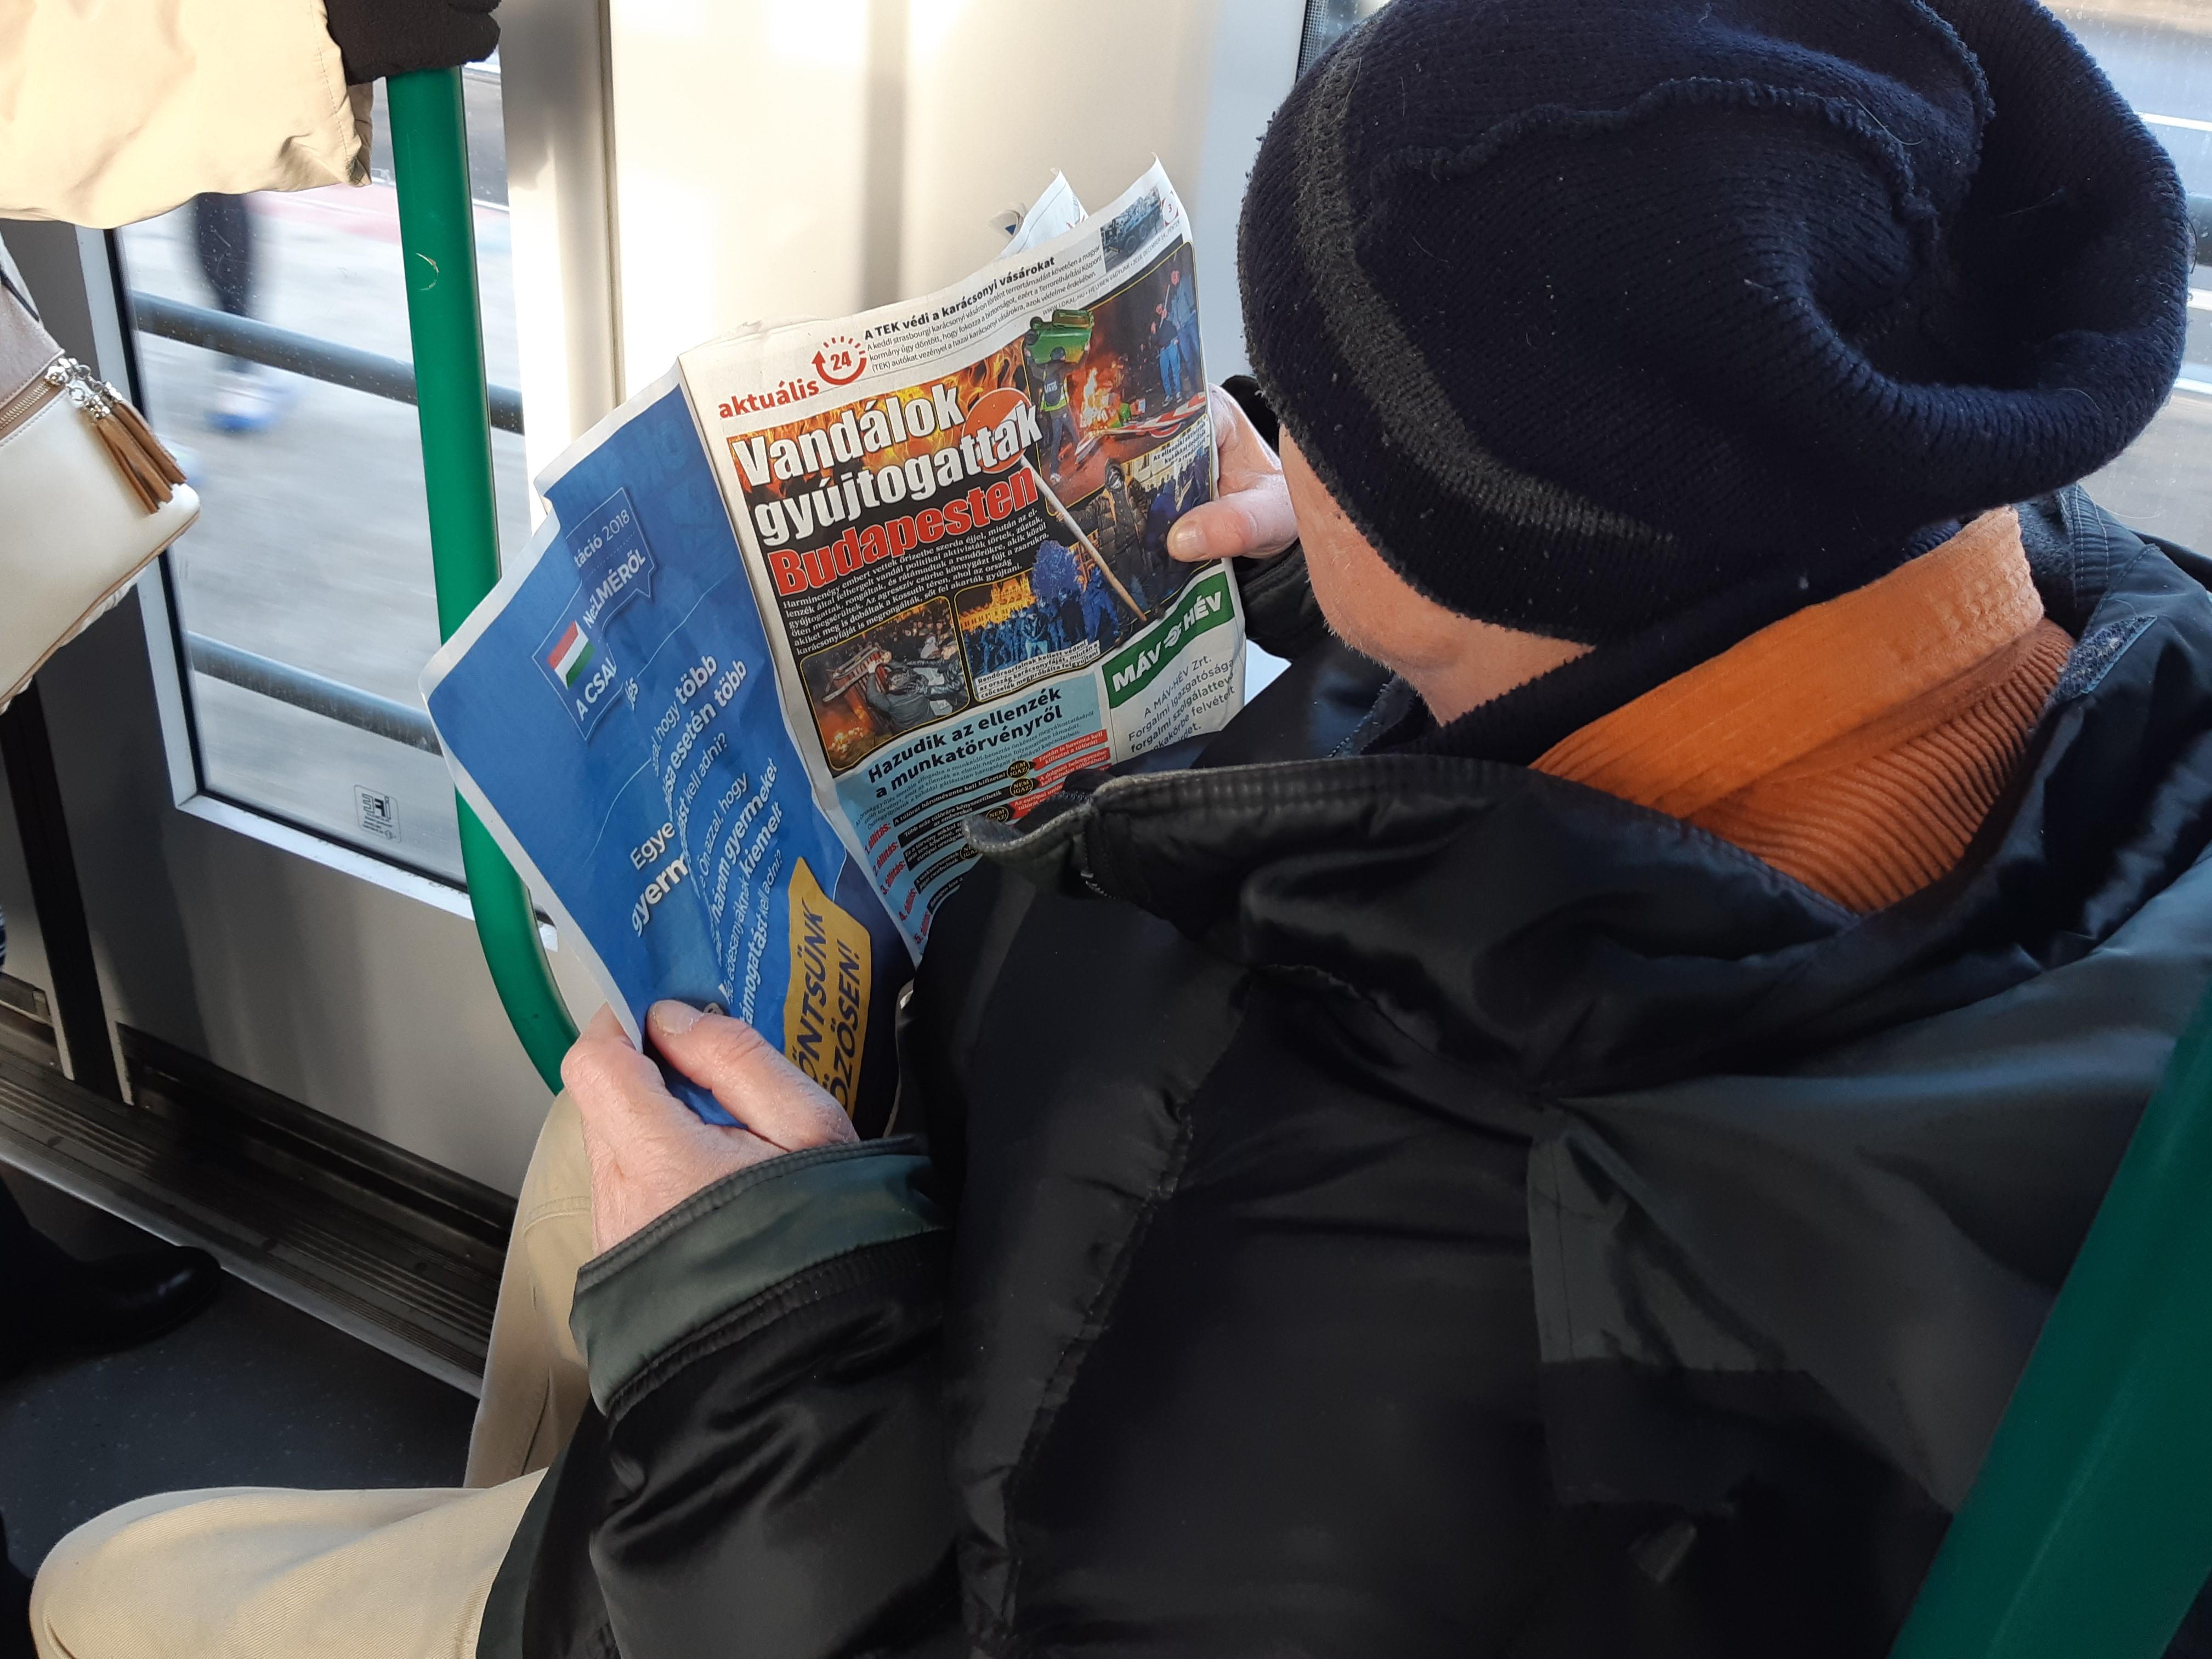 Nagy gondban van Habony volt lapja: alig férnek el a cikkek az állami hirdetésektől